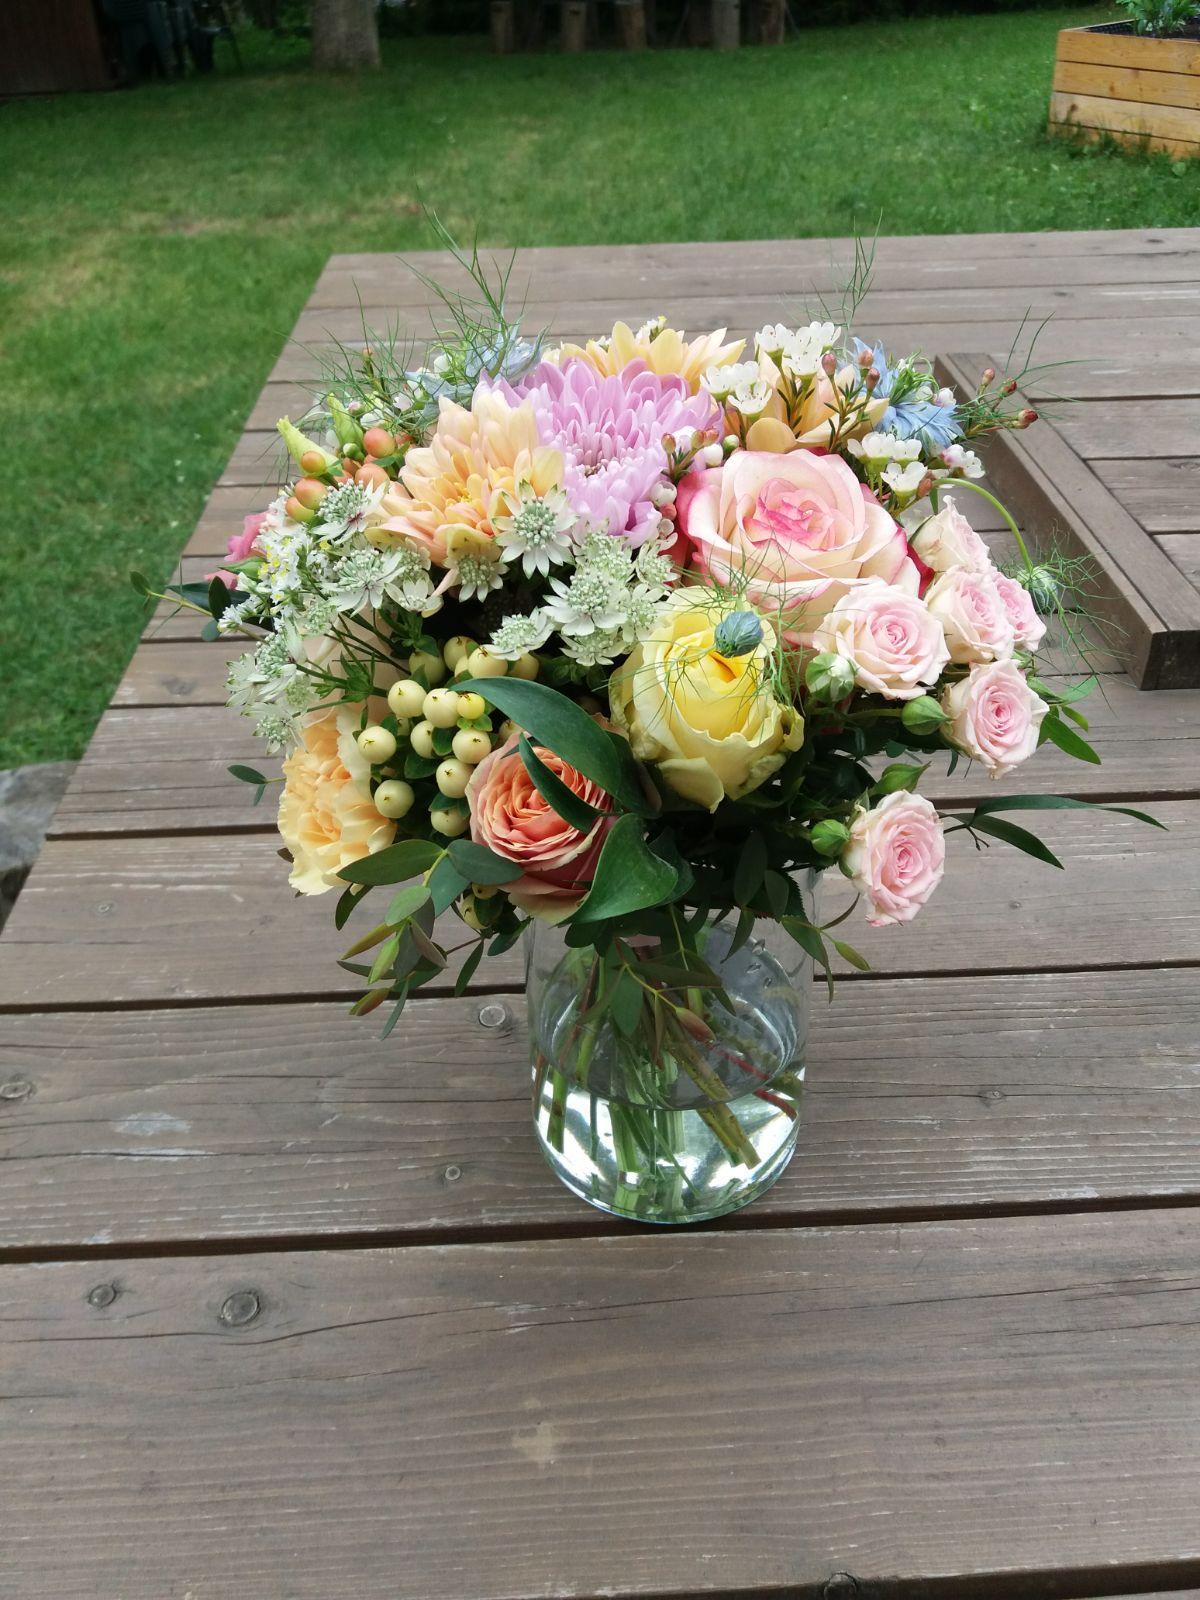 Květnová svatba plná barev! - Obrázek č. 4